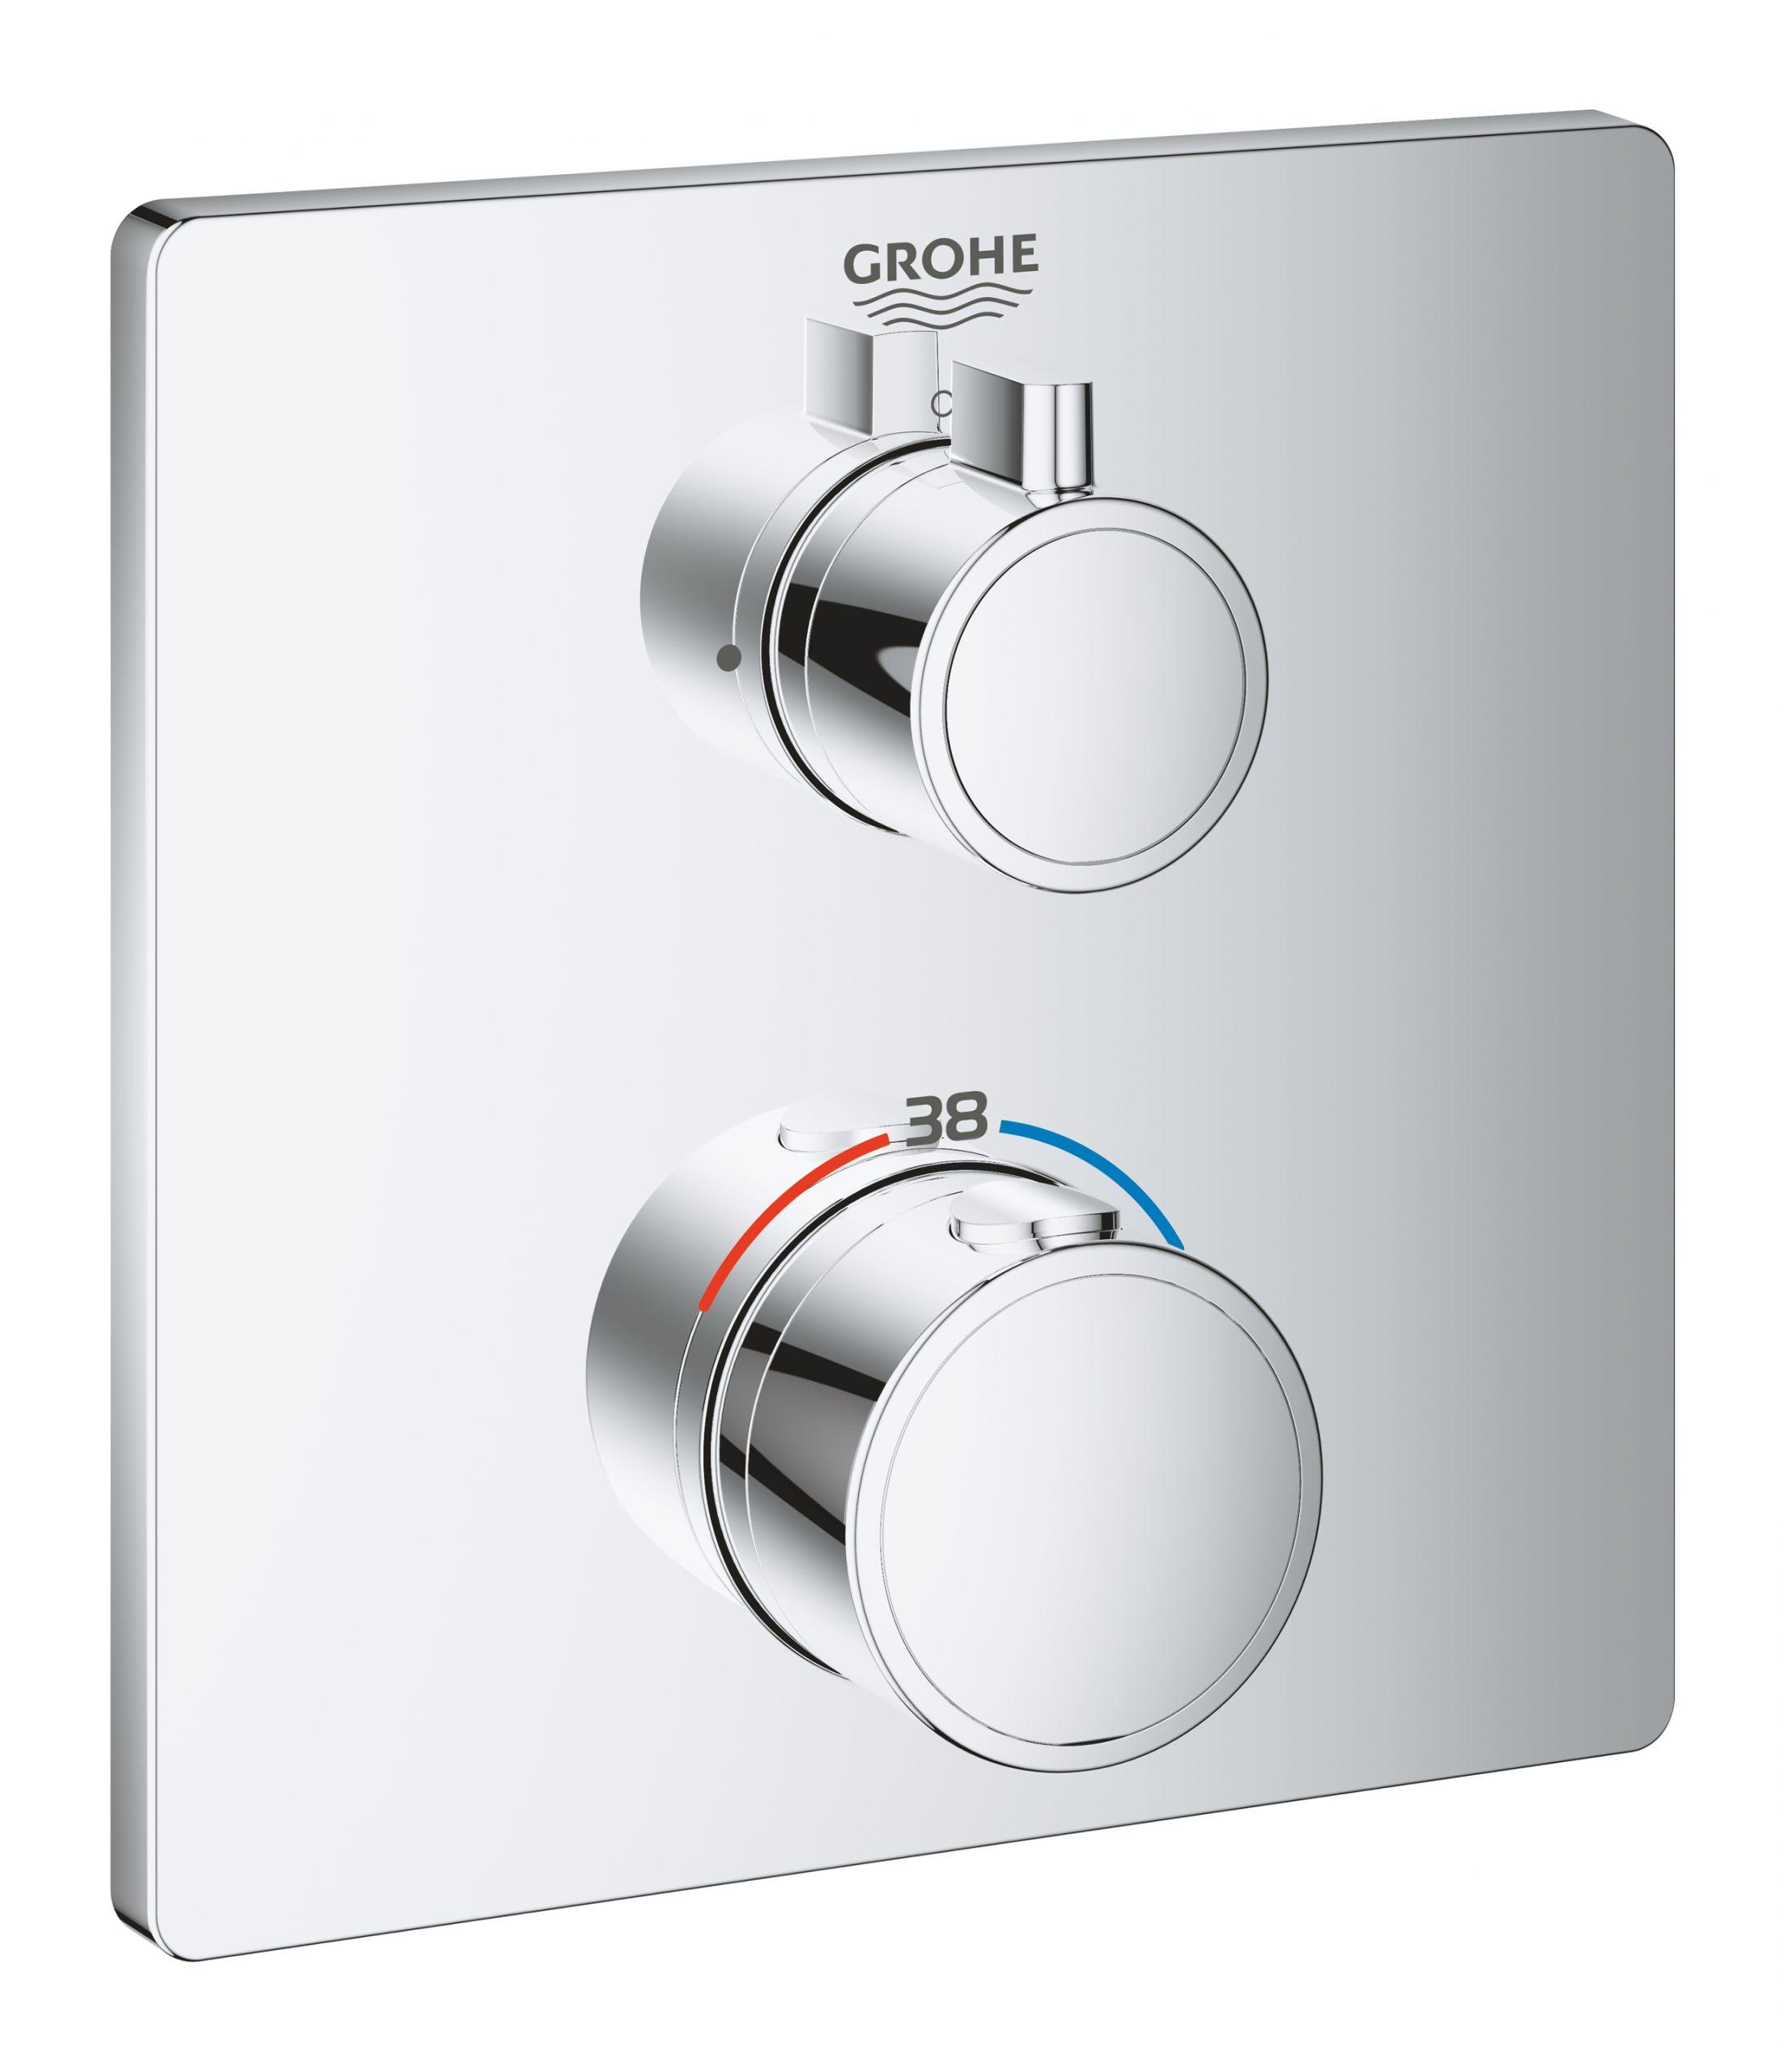 Bateria termostatyczna Grohe Grohtherm do obsługi jednego wyjścia wody chrom 24078000